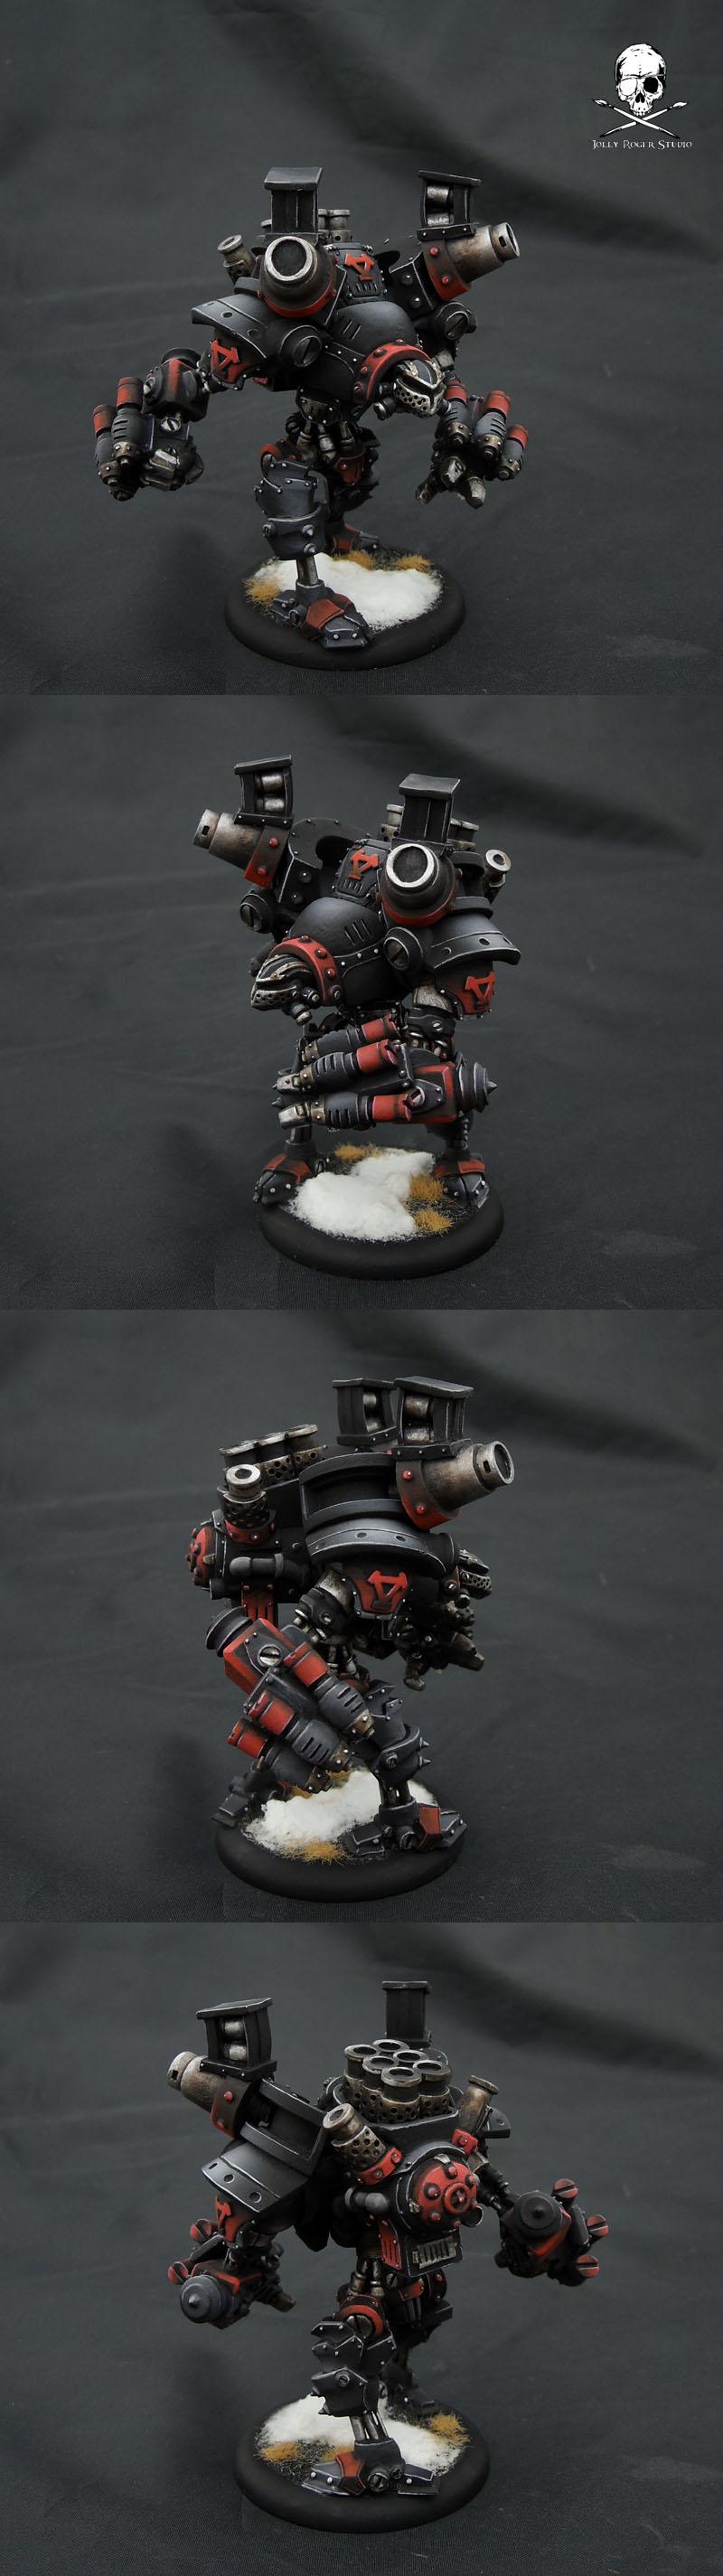 Black Khador: DONE!